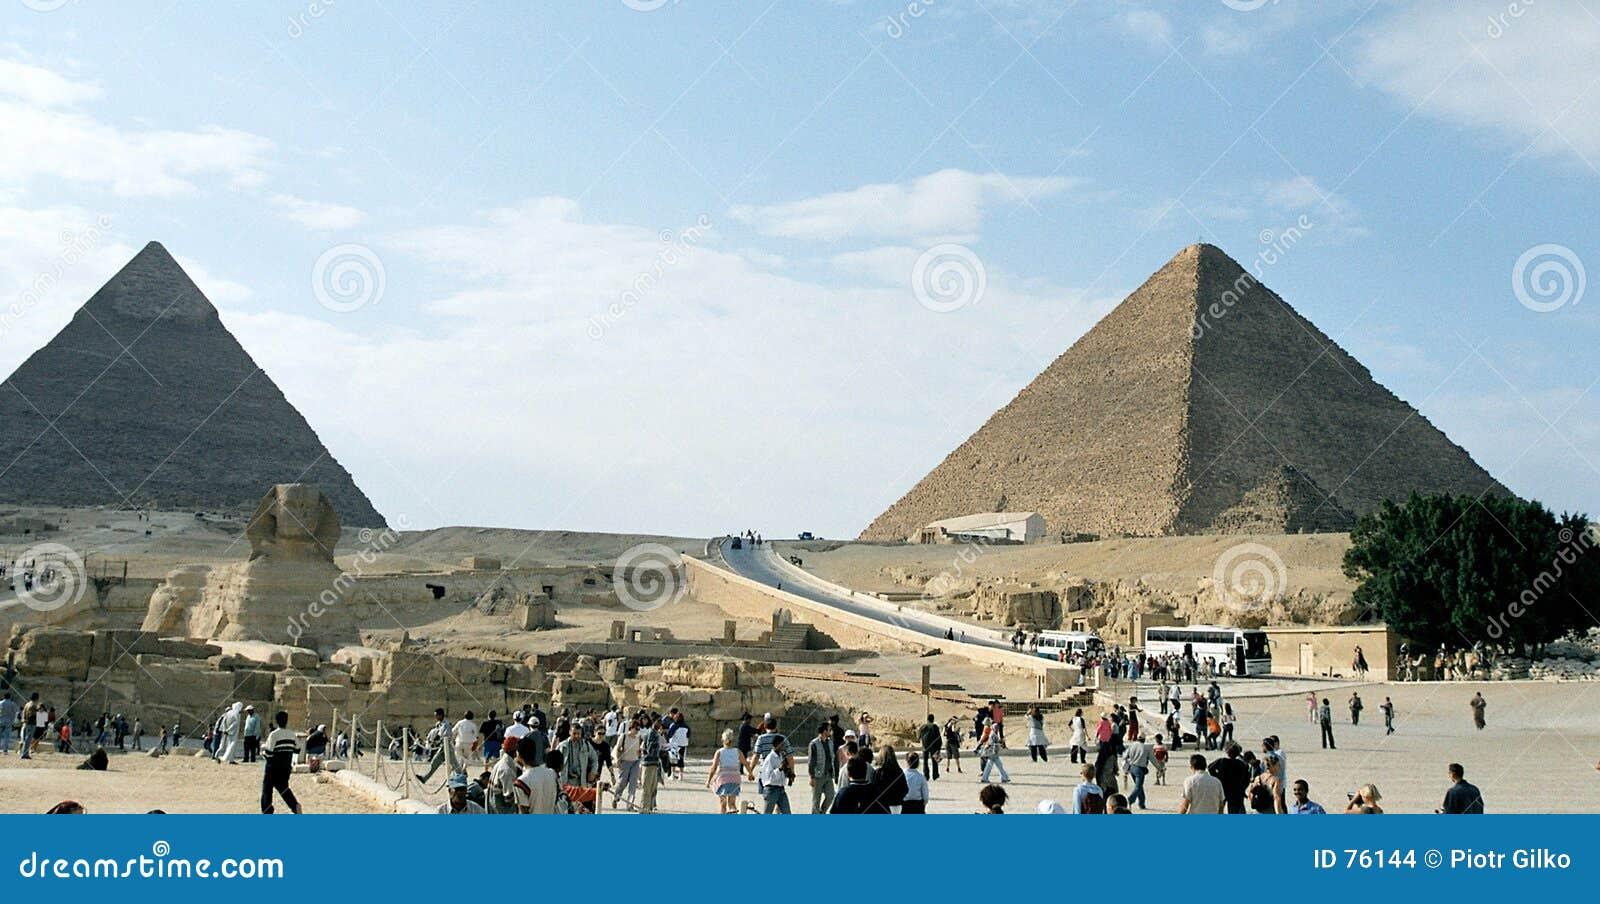 Pyramiden von Giza.